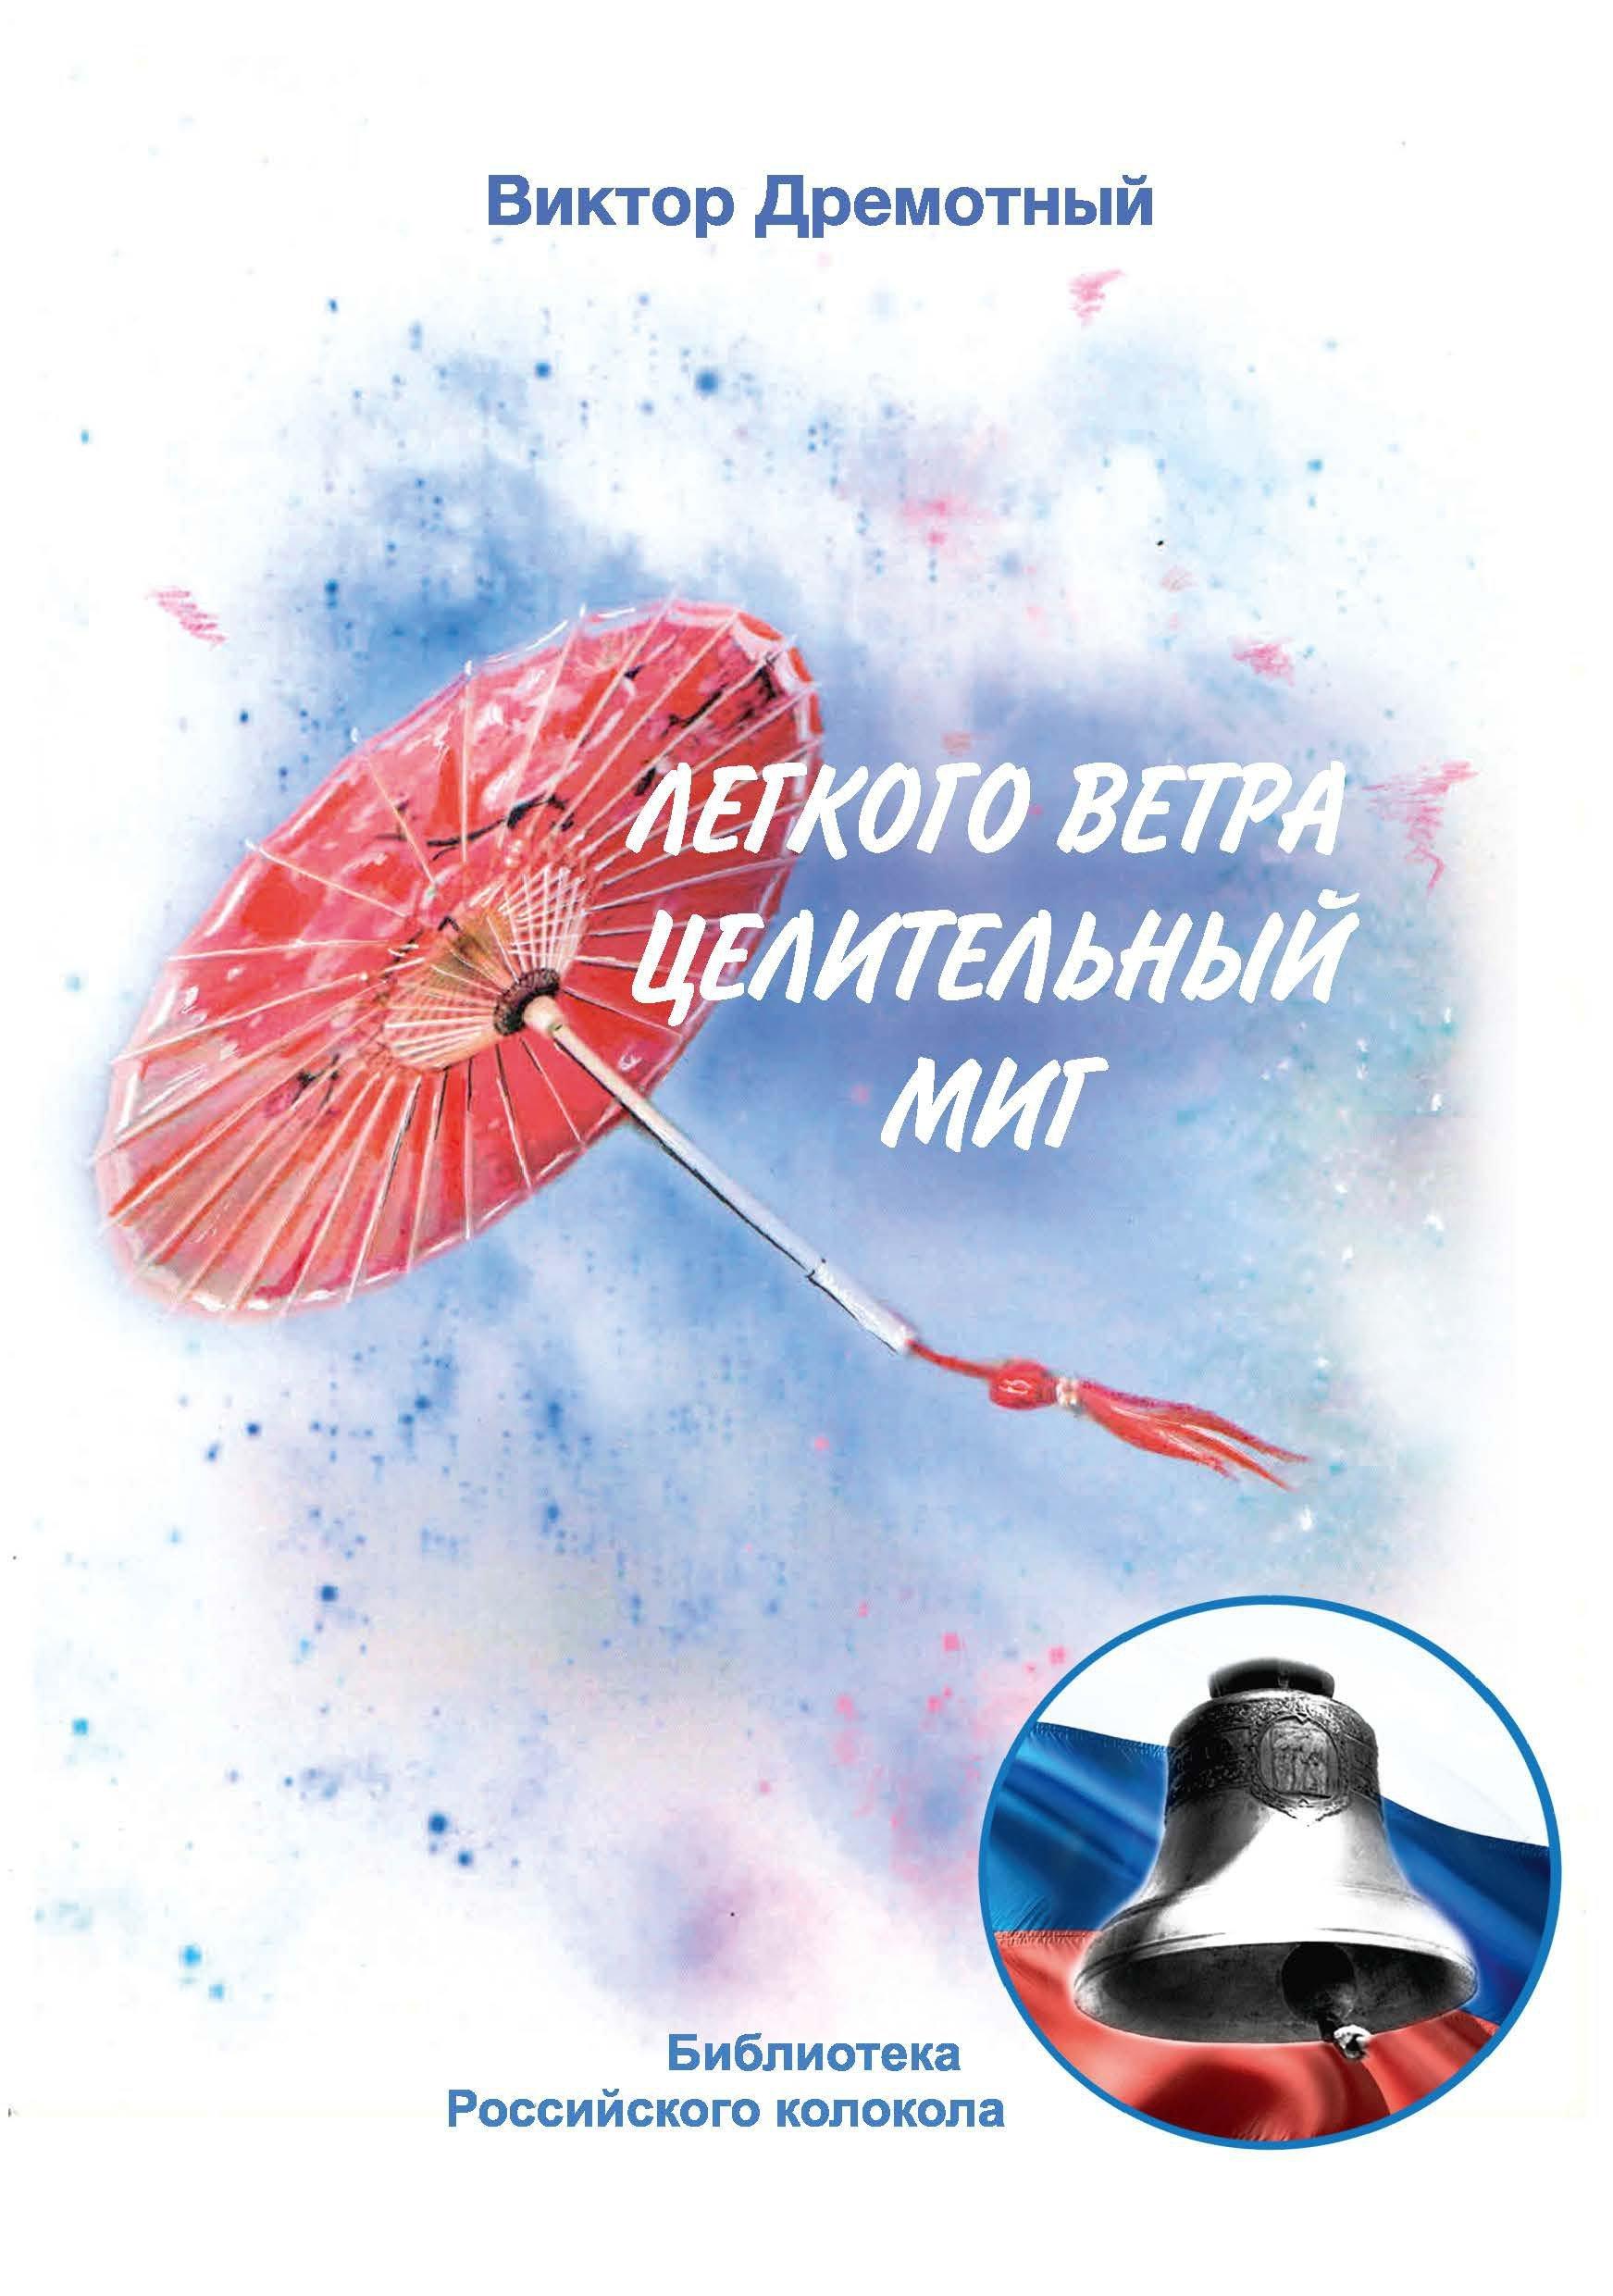 Фото - Дремотный В. Легкого ветра целительный миг белых а пер вака антология японской поэзии